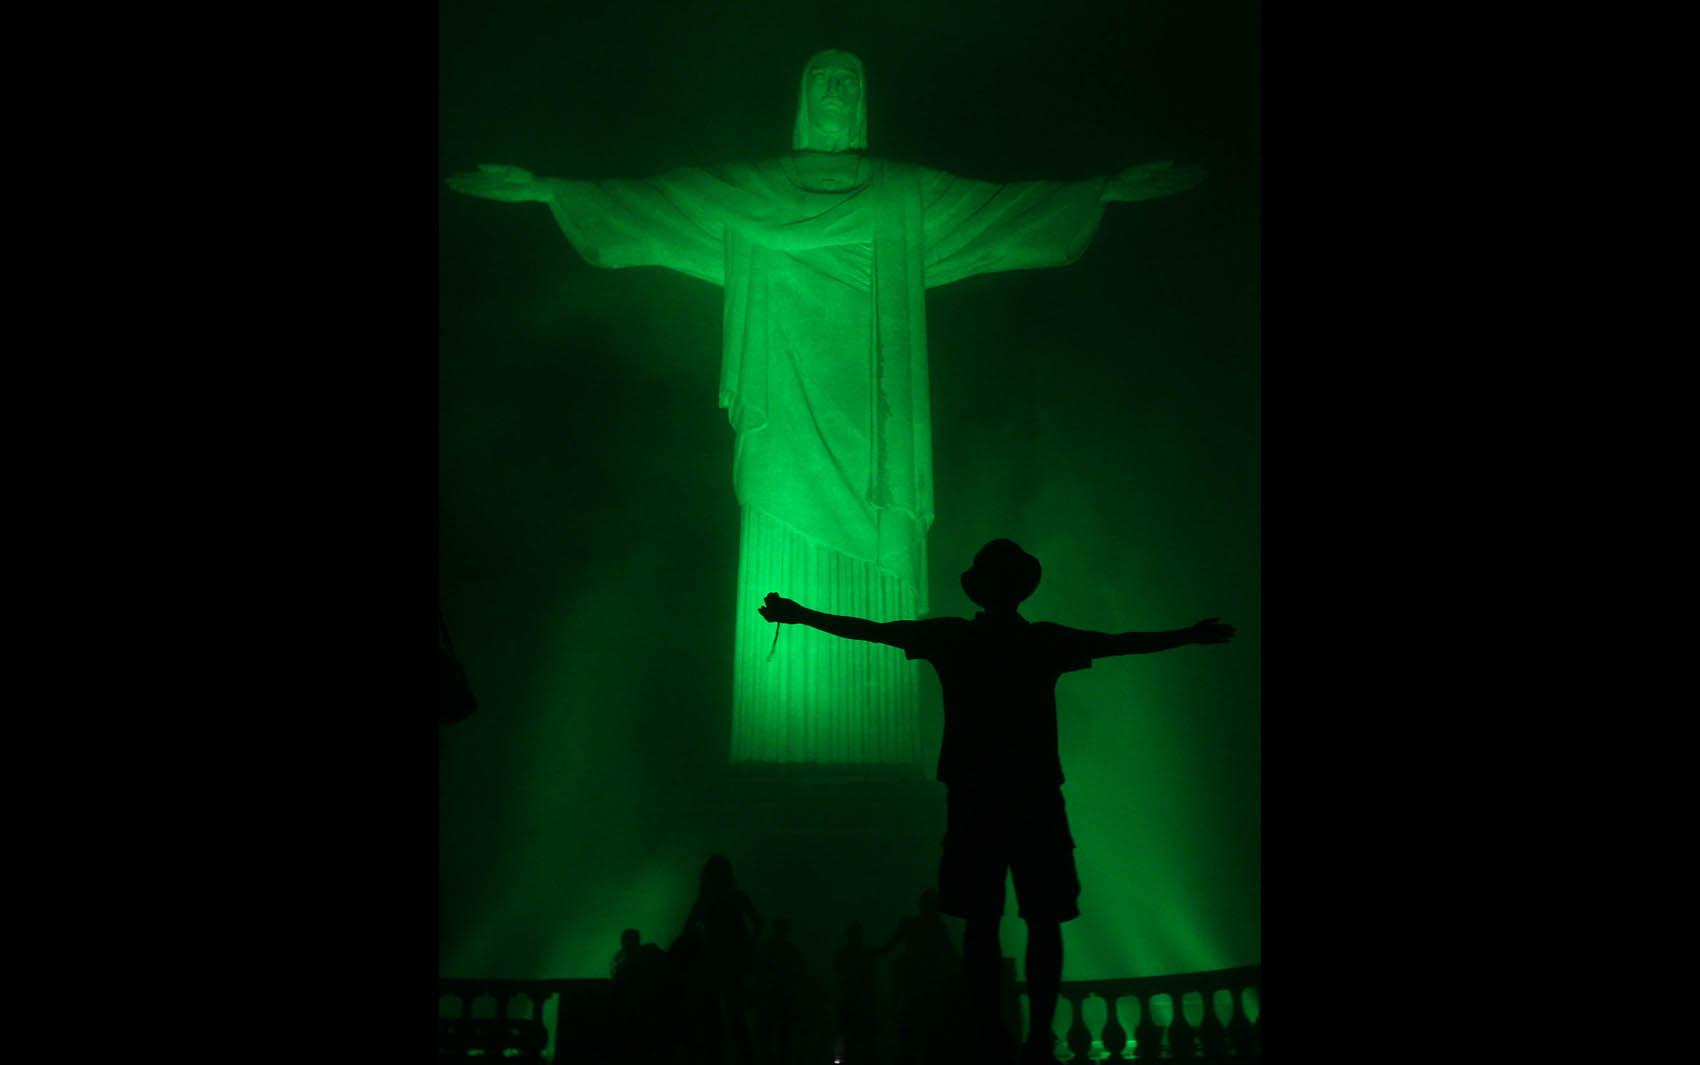 Estátua do Cristo Redentor, no Rio de Janeiro, recebe iluminação verde em homenagem ao Dia de São Patrício (Saint Patrick's Day), evento em comemoração ao santo padroeiro da Irlanda.